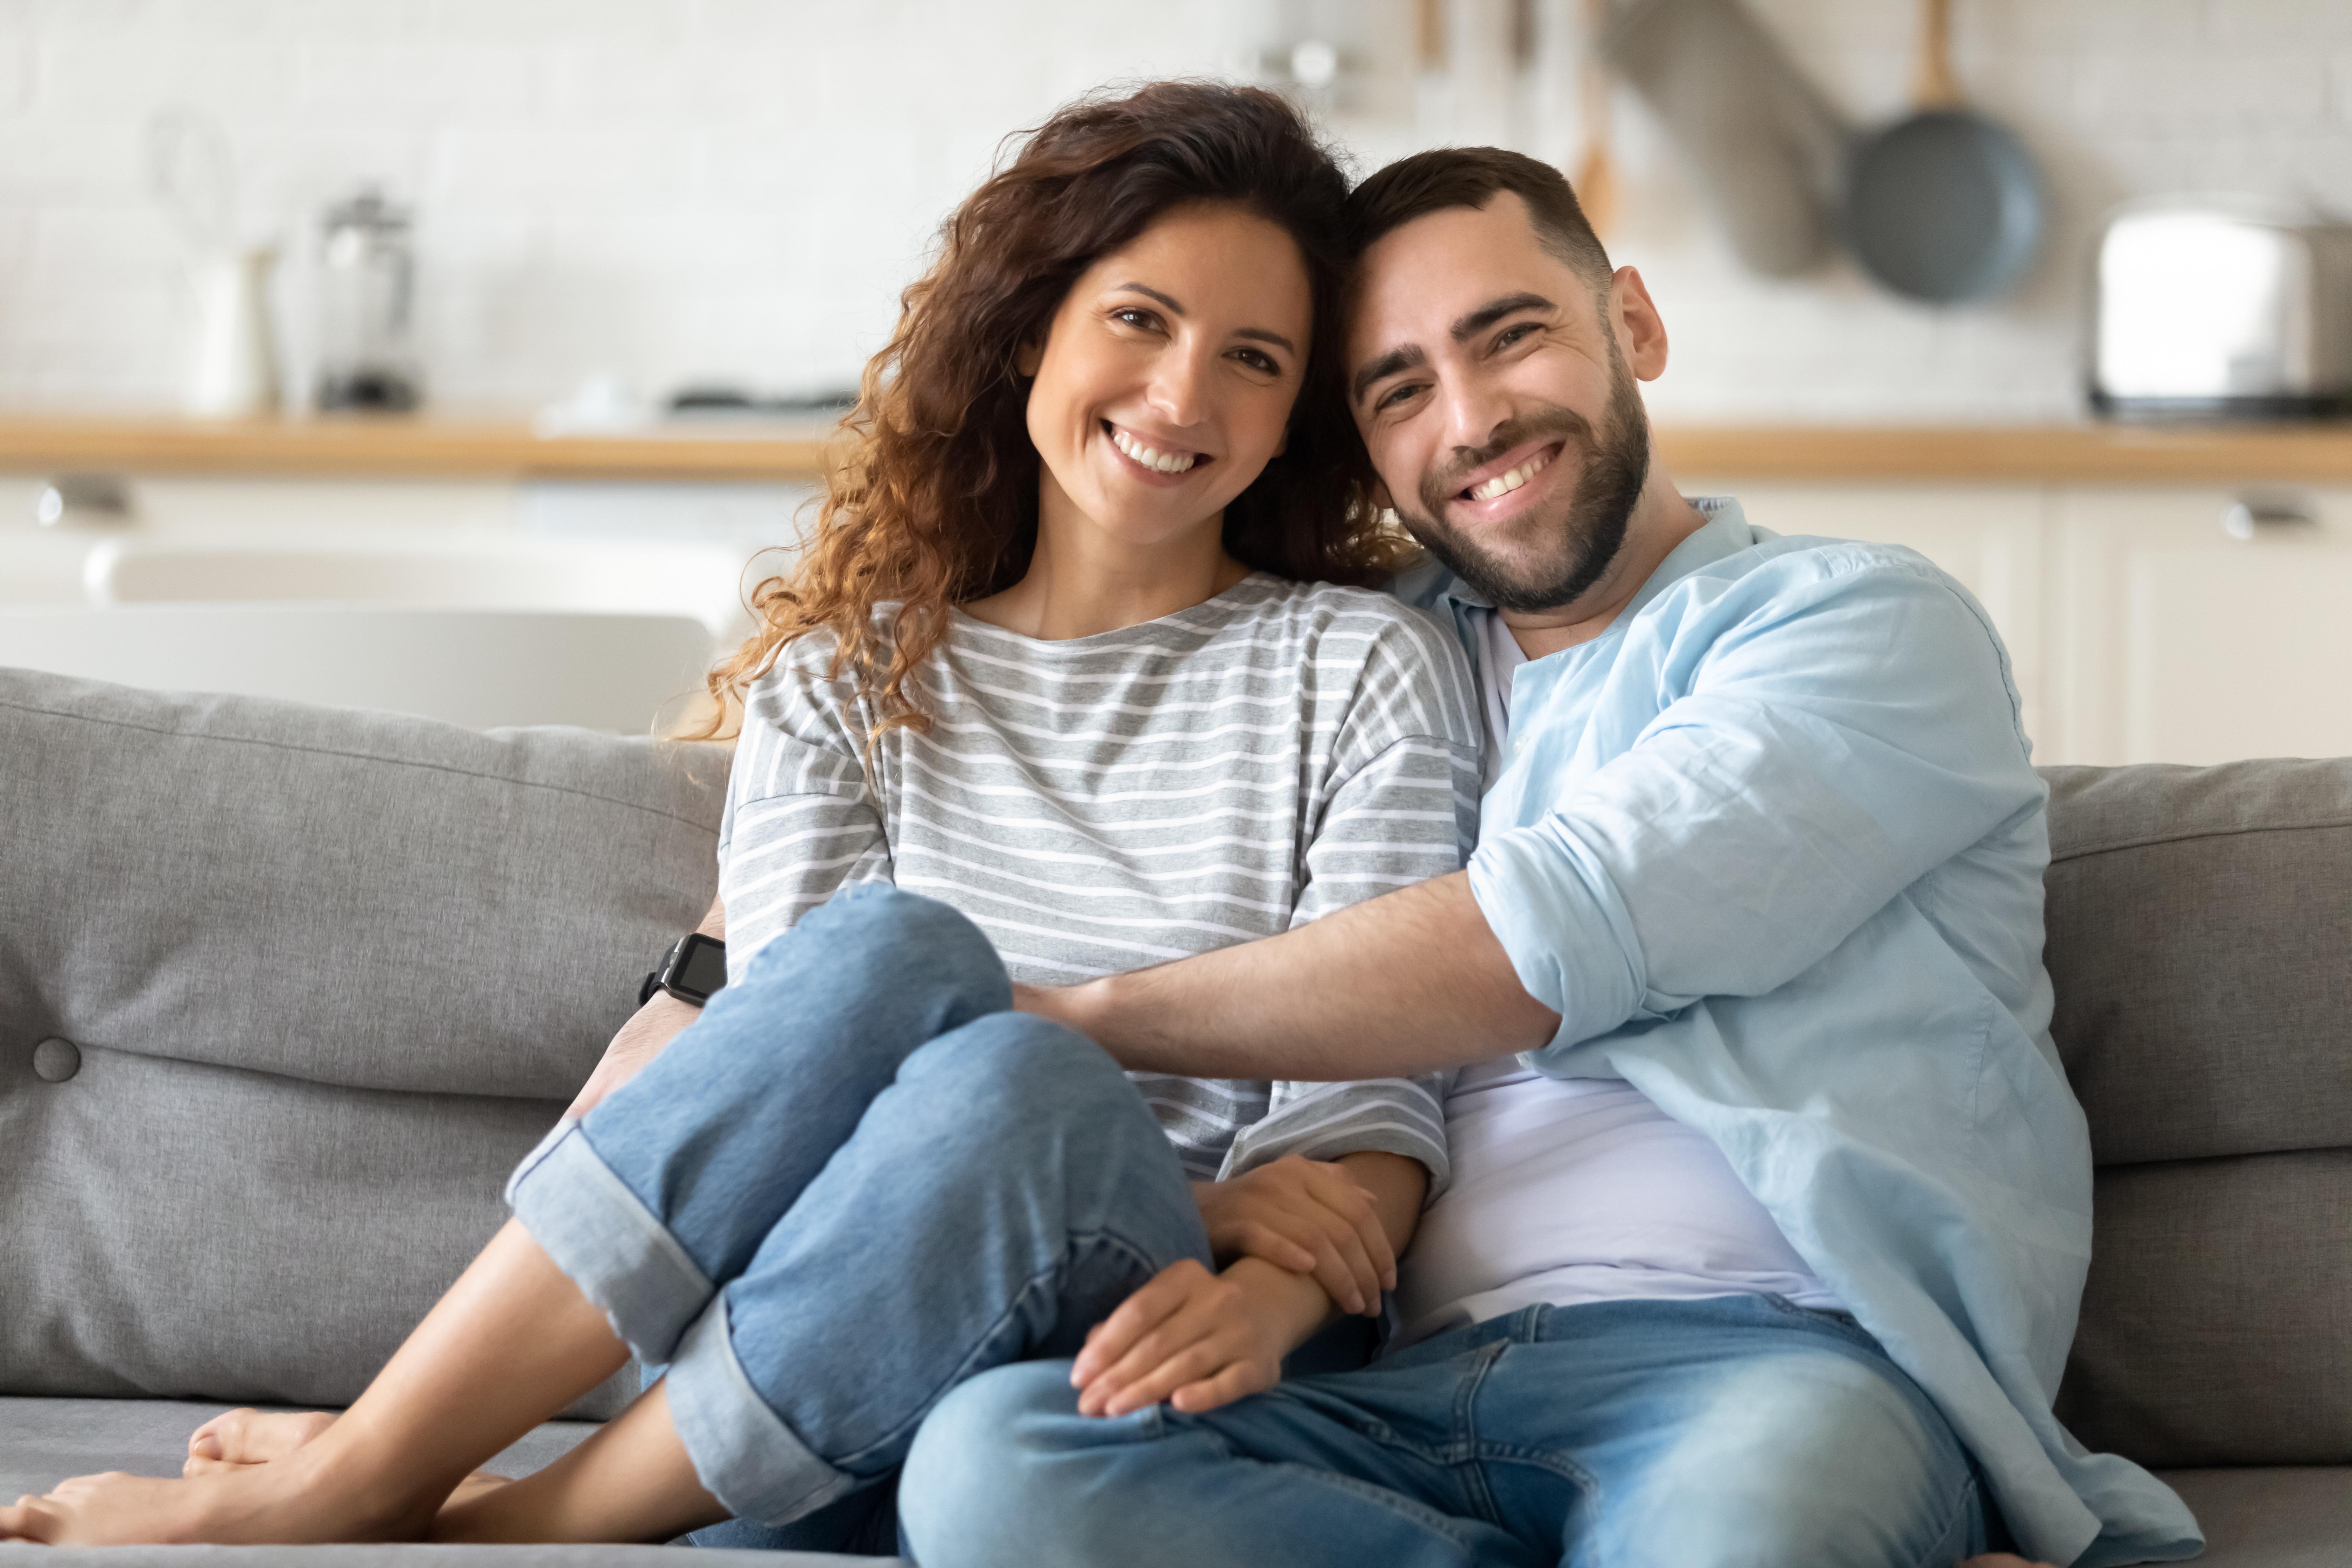 Junges Paar lächelt und ist zufrieden.